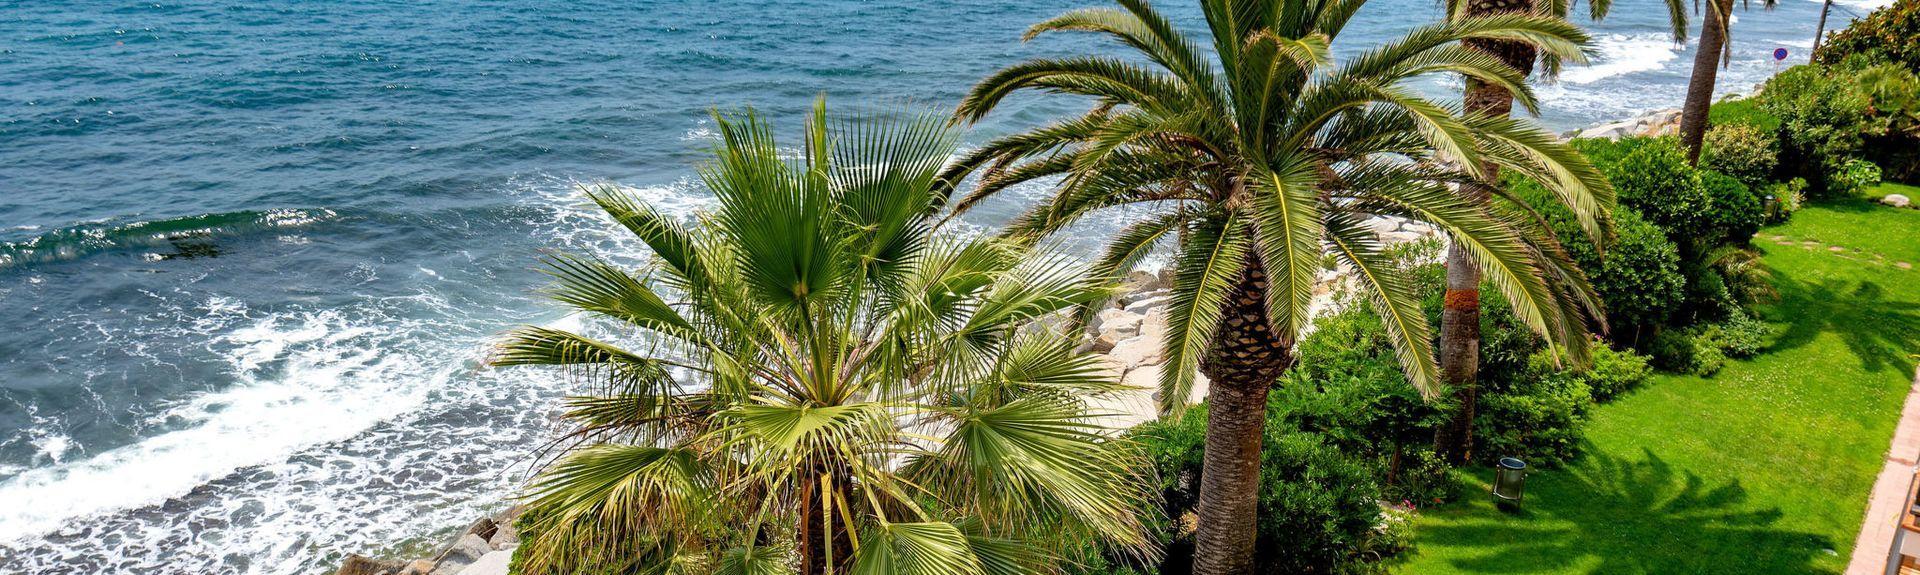 Calella Strand, Calella, Catalonien, Spanien